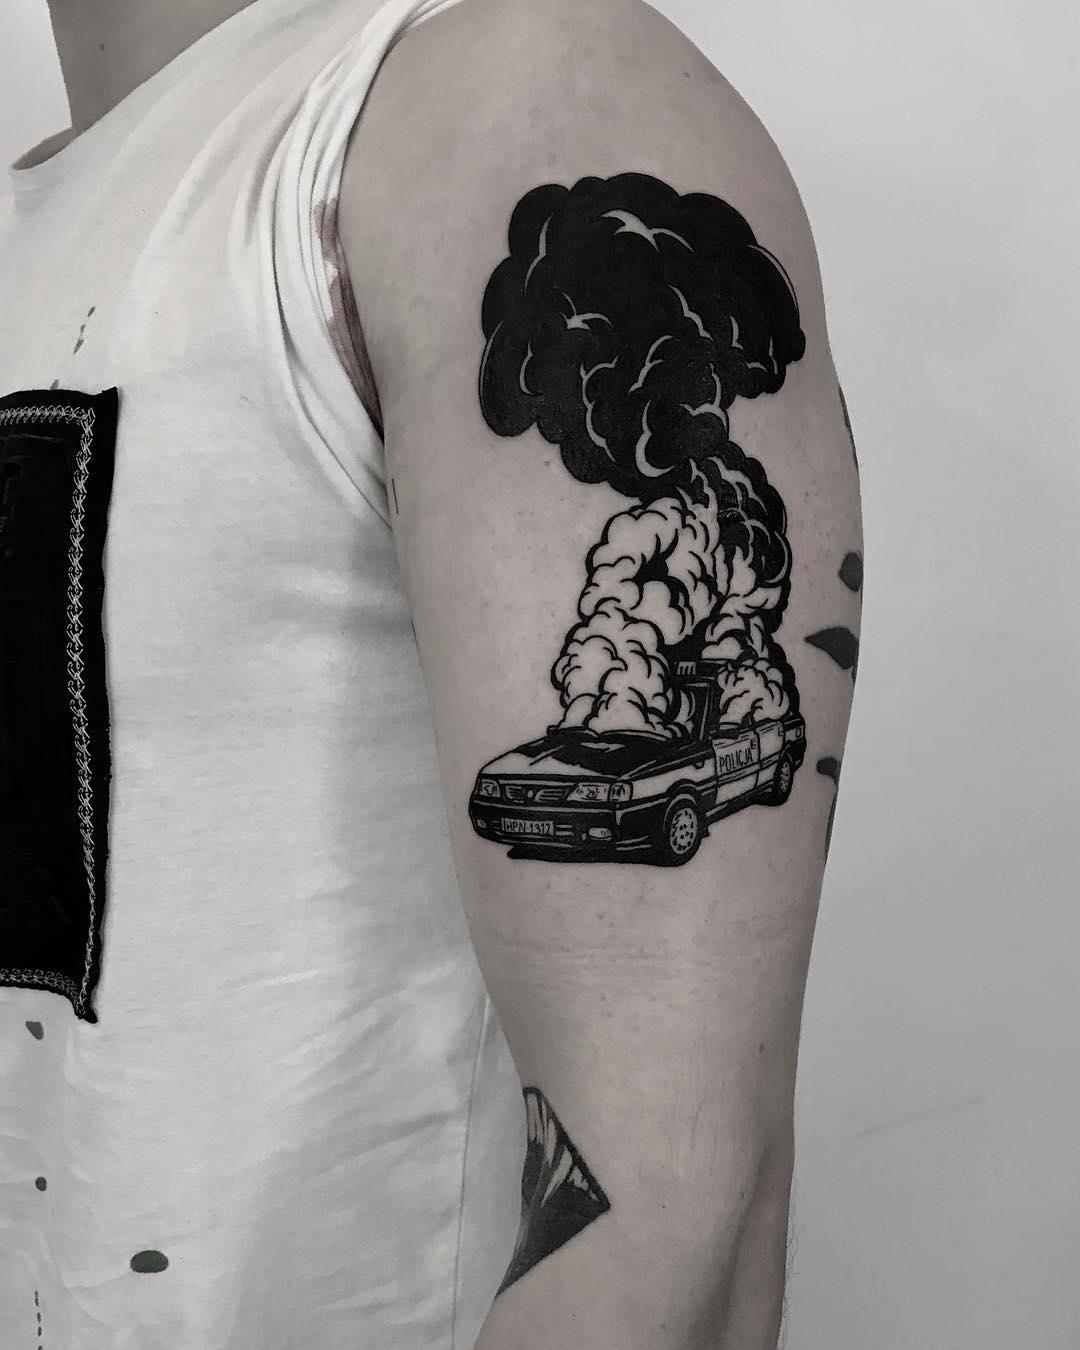 Burning car tattoo by Krzysztof Szeszko